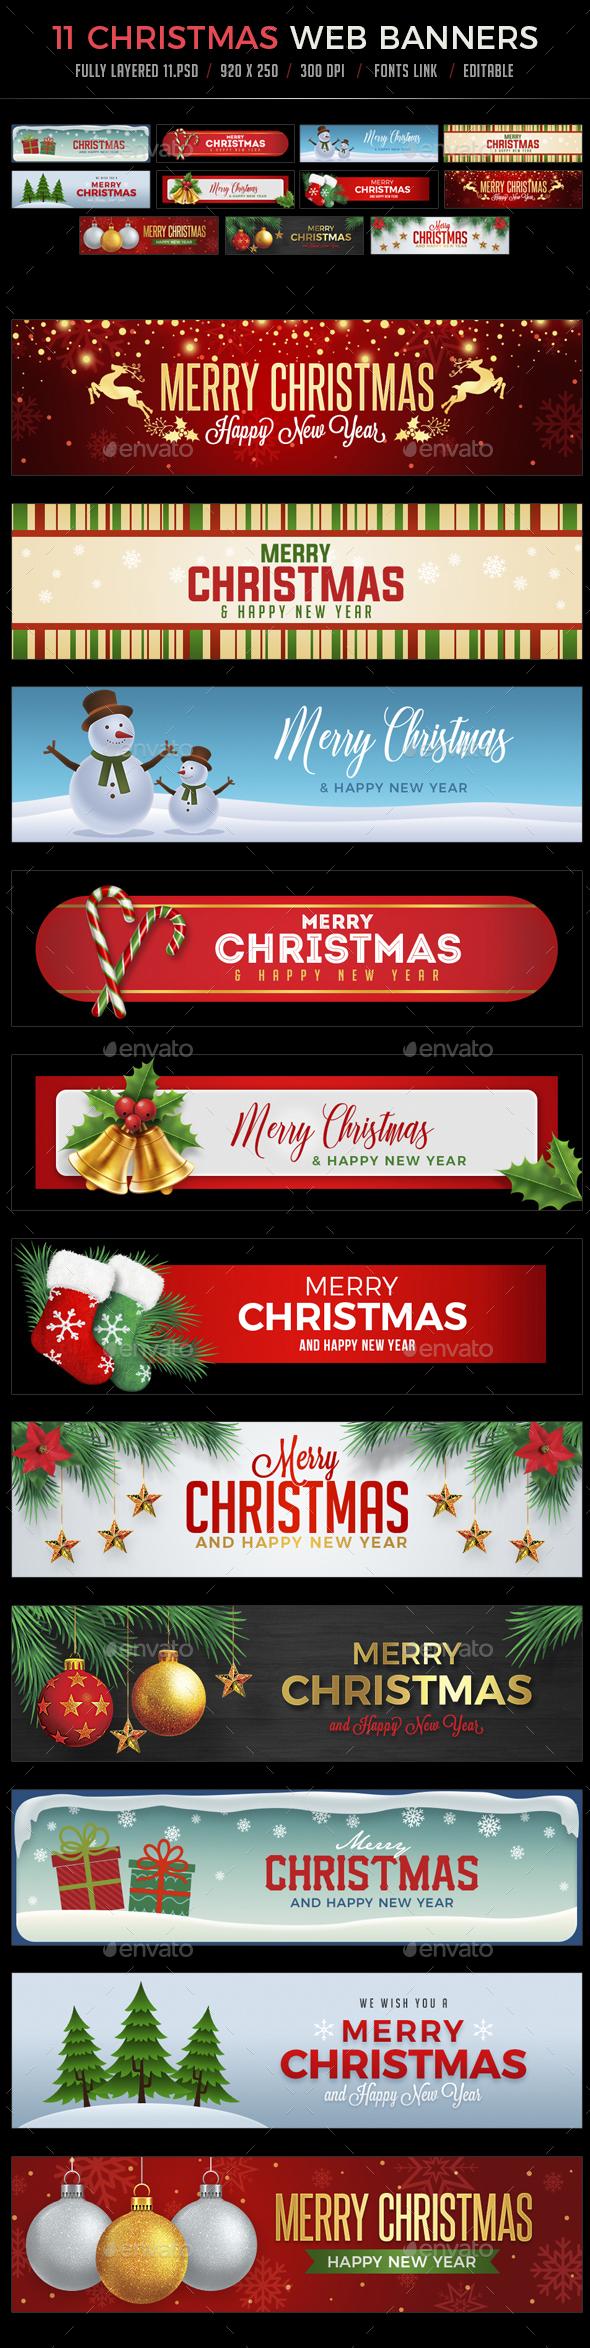 GraphicRiver 11 Christmas Web Banners 21001740